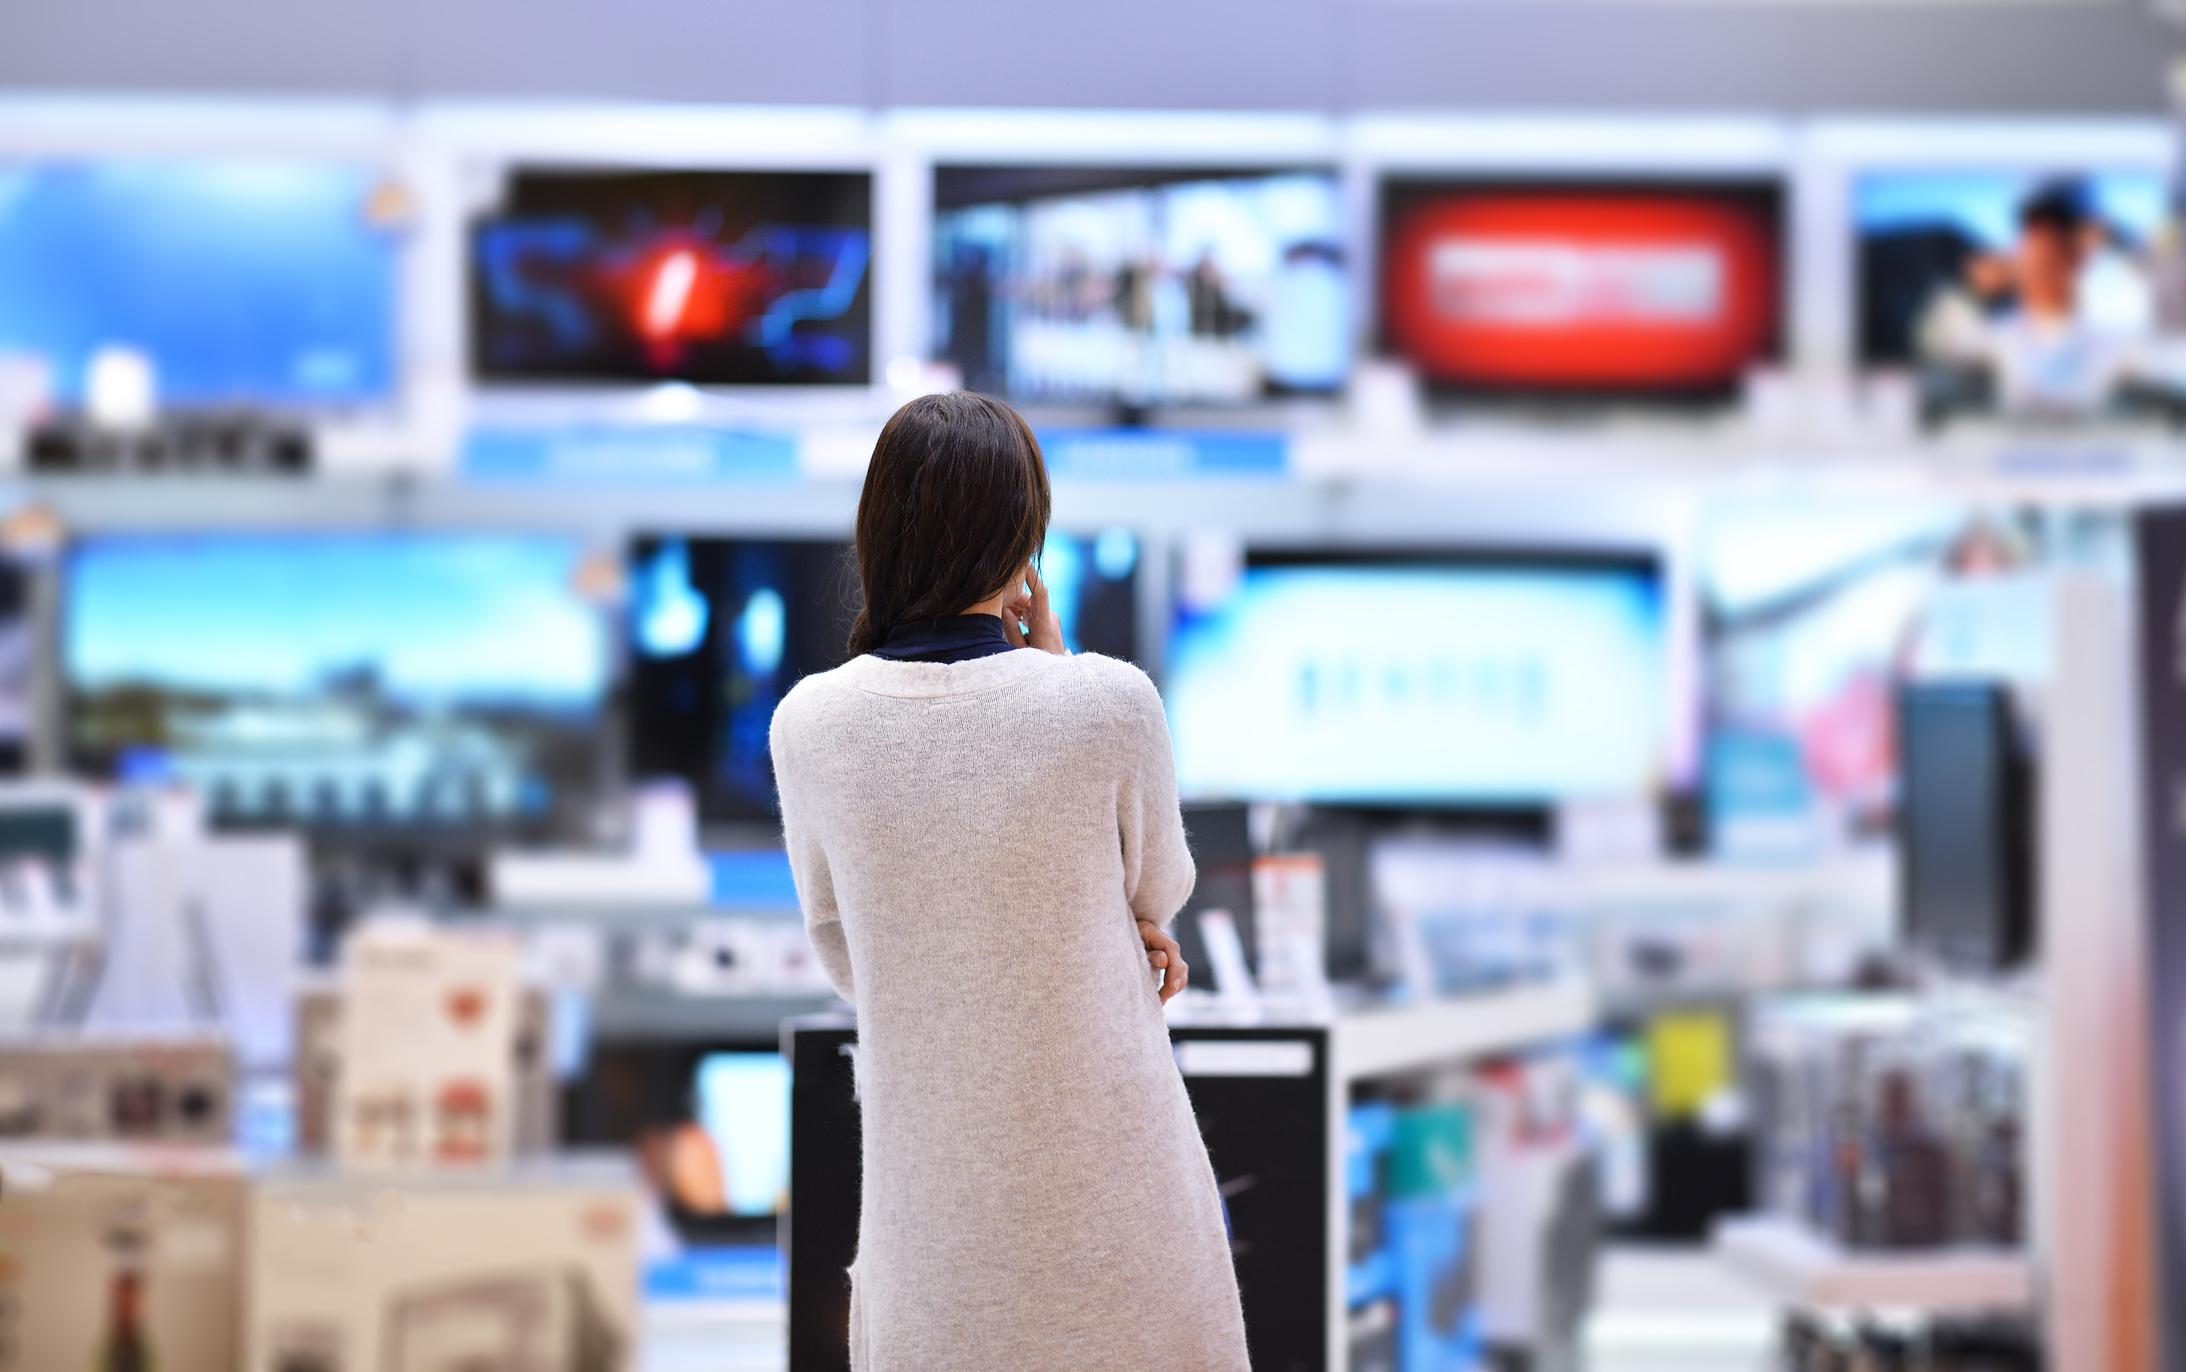 BIGLOBE WiMAXの口座振替は家電量販店でしてはいけない!